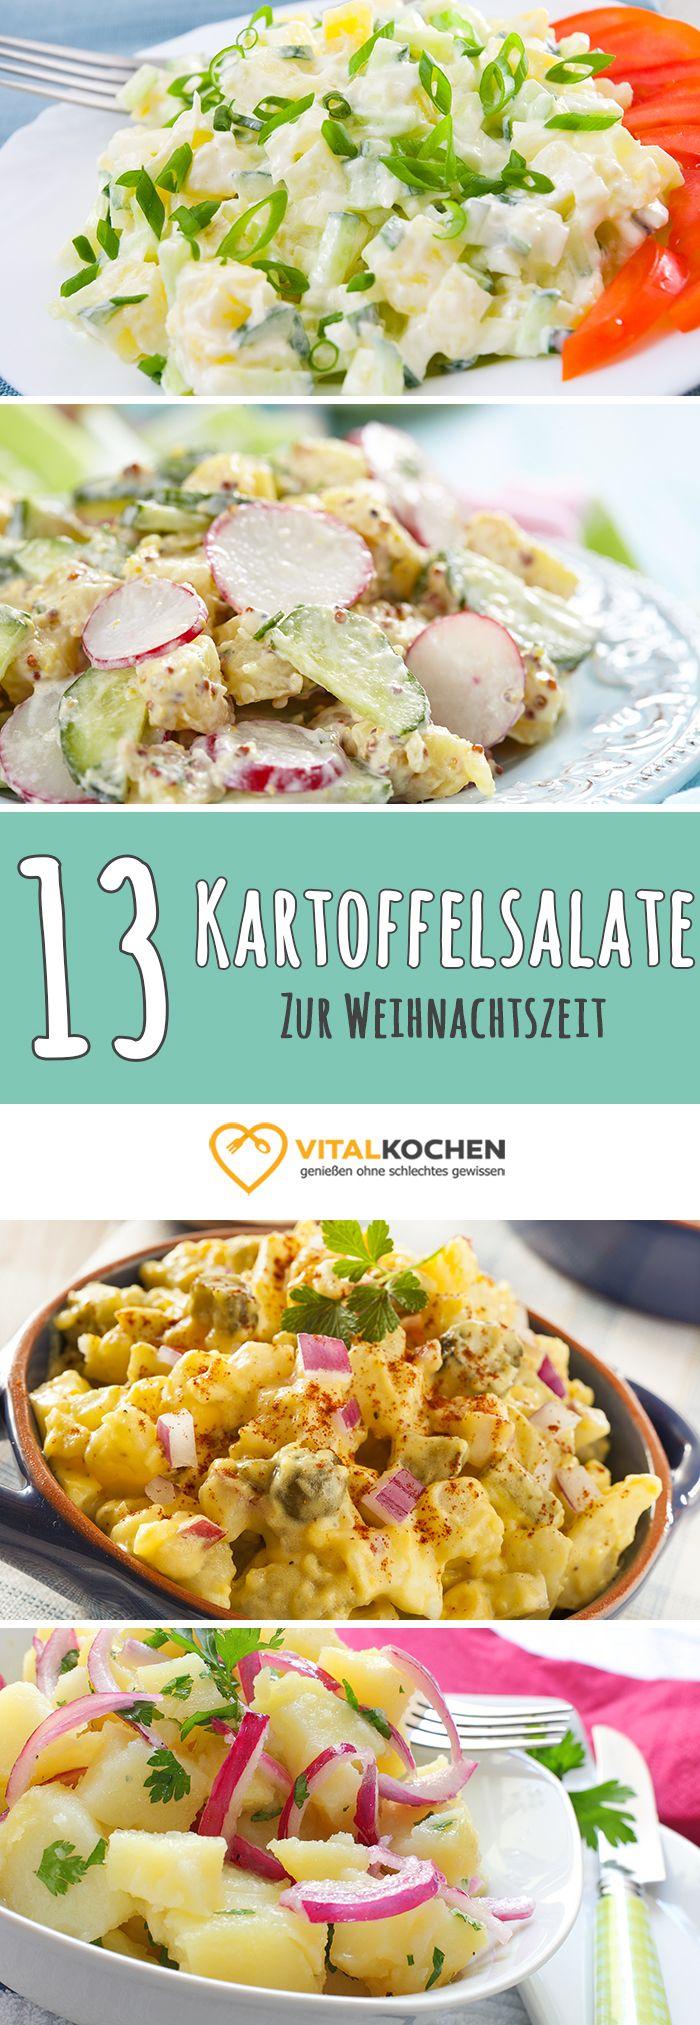 Kalorienarme und Abwechslungsreiche Kartoffelsalat Rezepte - Ideal für die Winter-/Weihnachtszeit. Einfach und schnell zubereitet auf vitalkochen.de